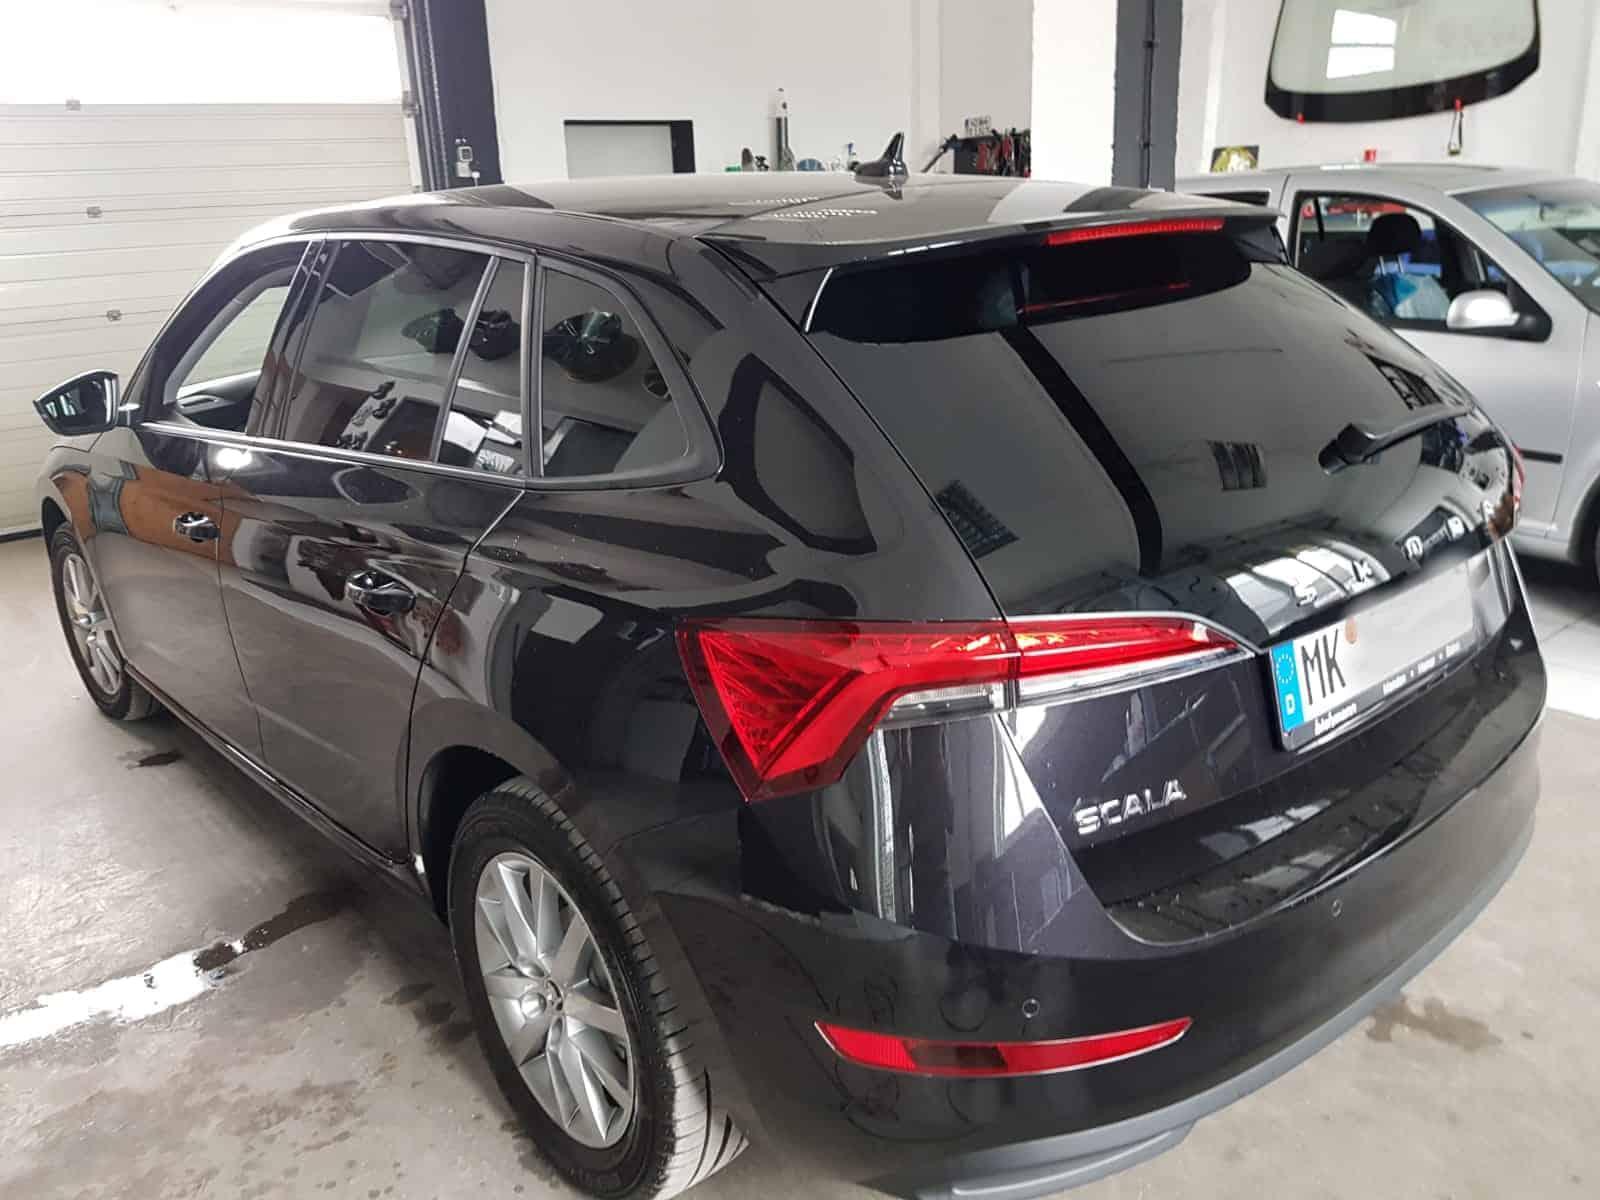 Scheibentönung VW Skoda Scala - RZ Menden das Original